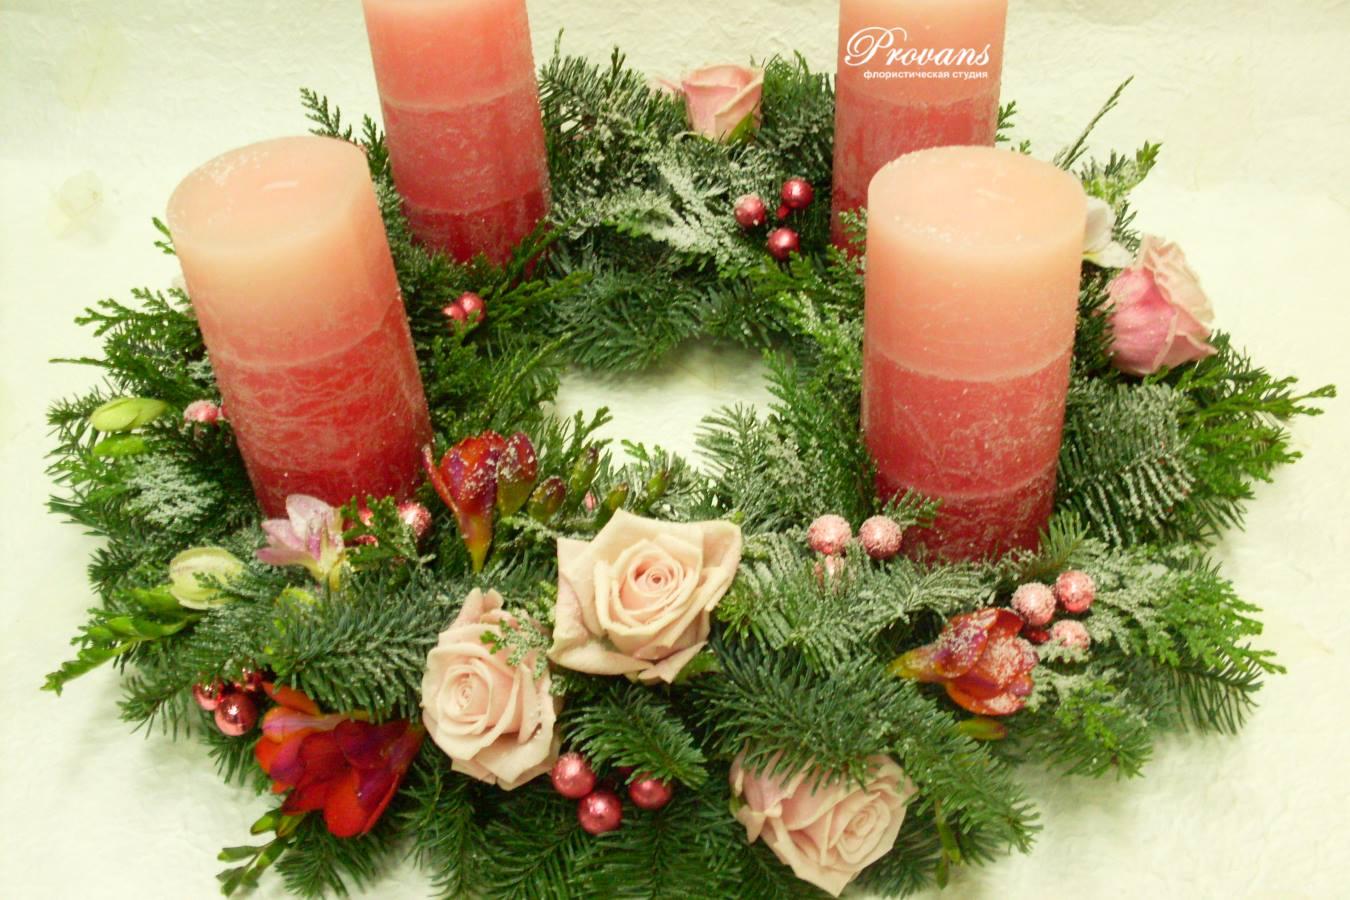 Новогодний венок со свечами. Голубая ель, живые цветы, розы